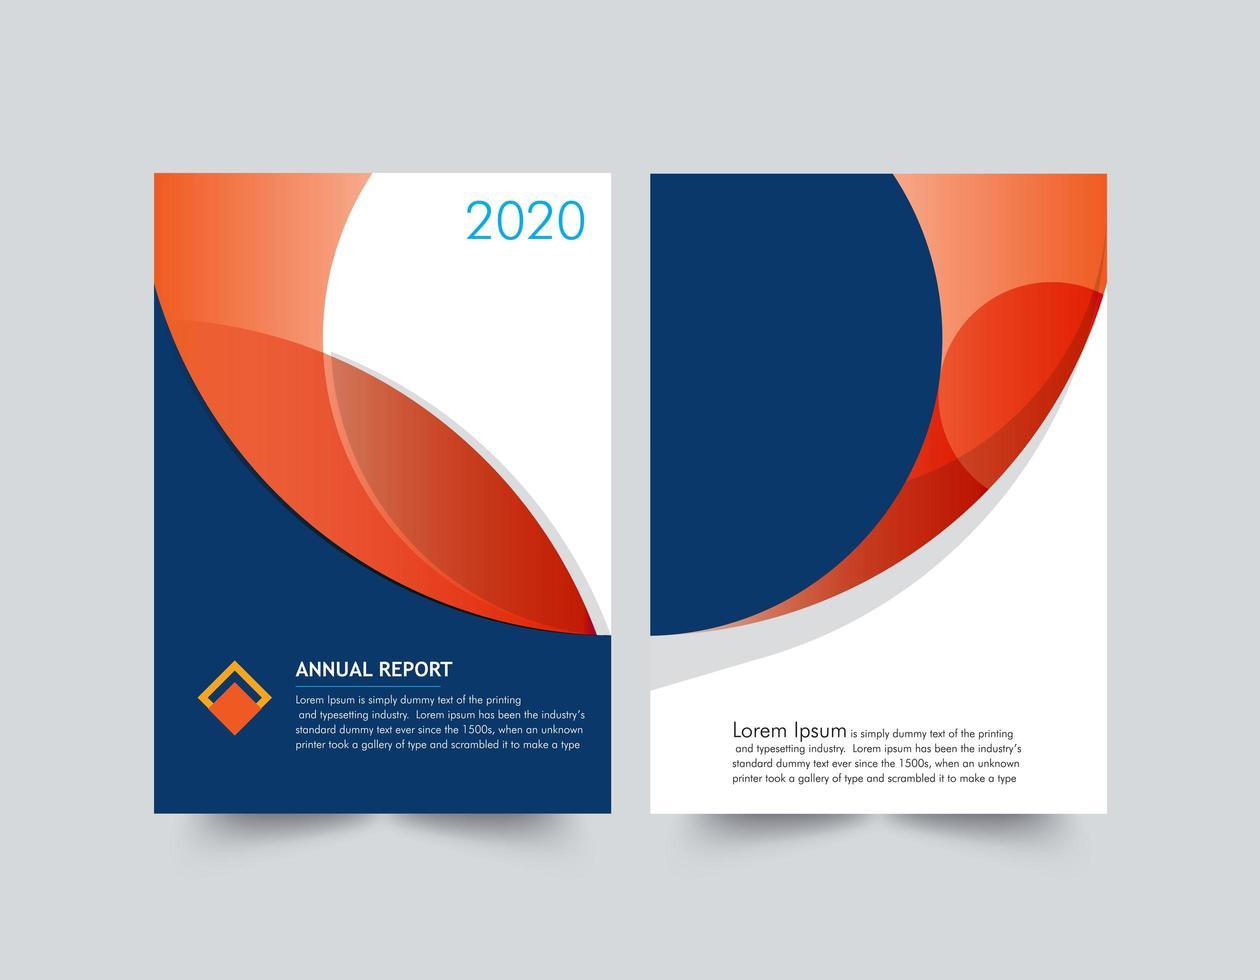 Jährliche Berichtsvorlage für orange und blaue Formen vektor